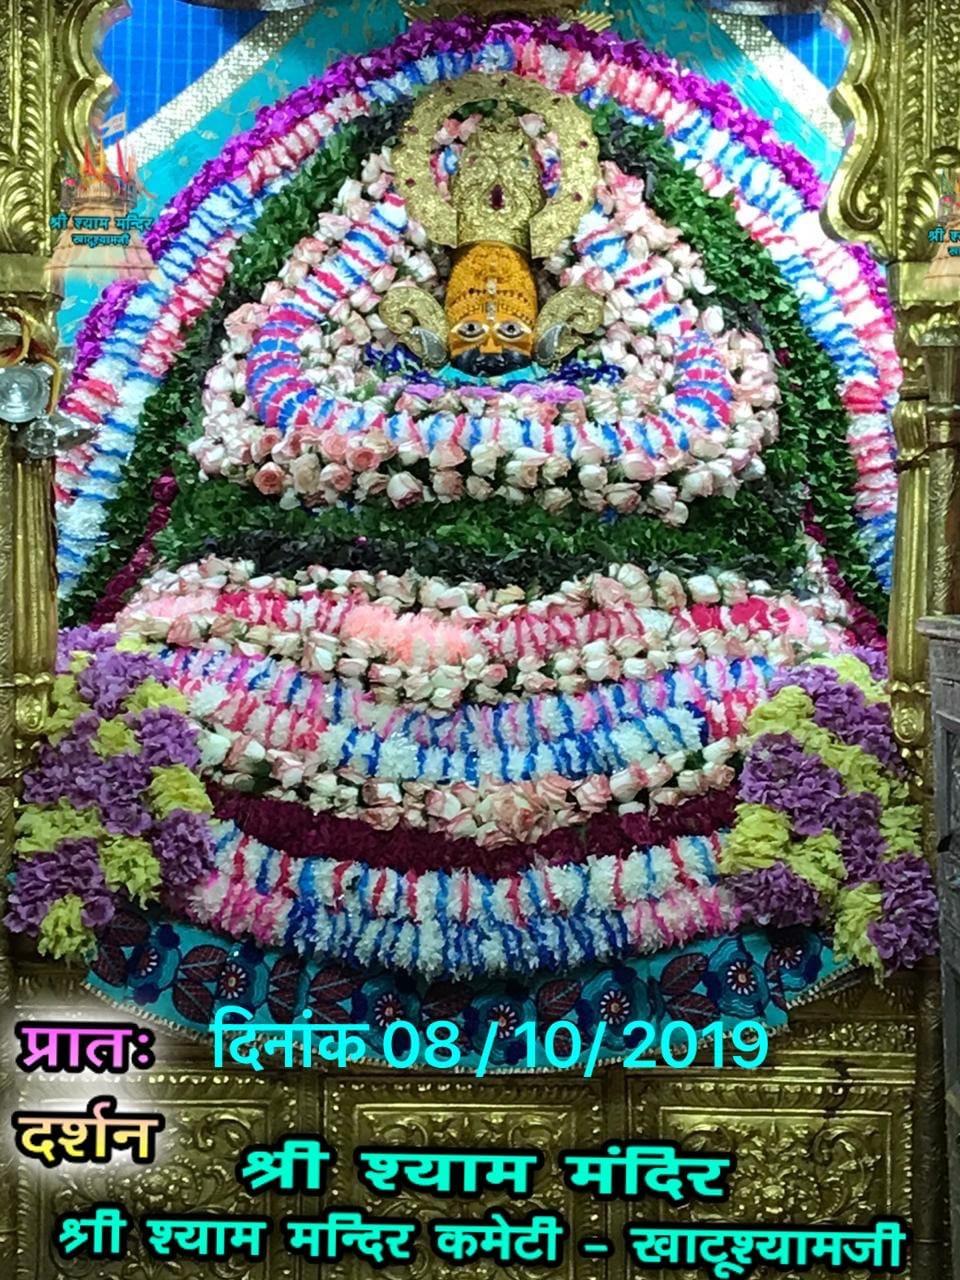 khatu shyam darshan 08.10.2019